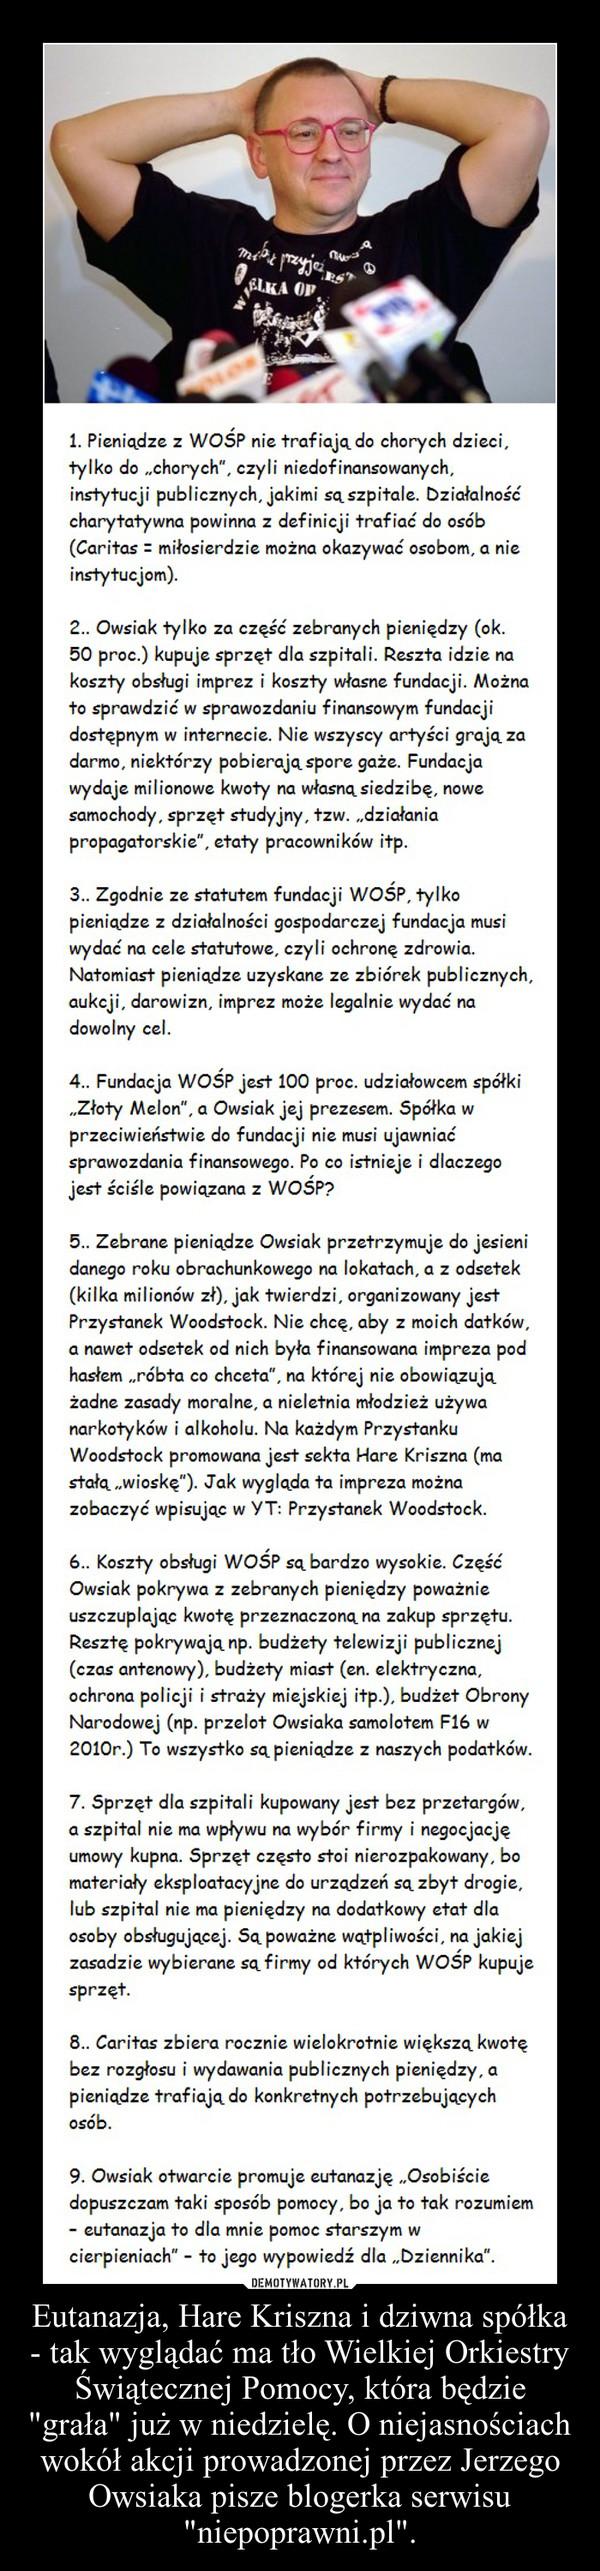 """Eutanazja, Hare Kriszna i dziwna spółka - tak wyglądać ma tło Wielkiej Orkiestry Świątecznej Pomocy, która będzie """"grała"""" już w niedzielę. O niejasnościach wokół akcji prowadzonej przez Jerzego Owsiaka pisze blogerka serwisu """"niepoprawni.pl –"""